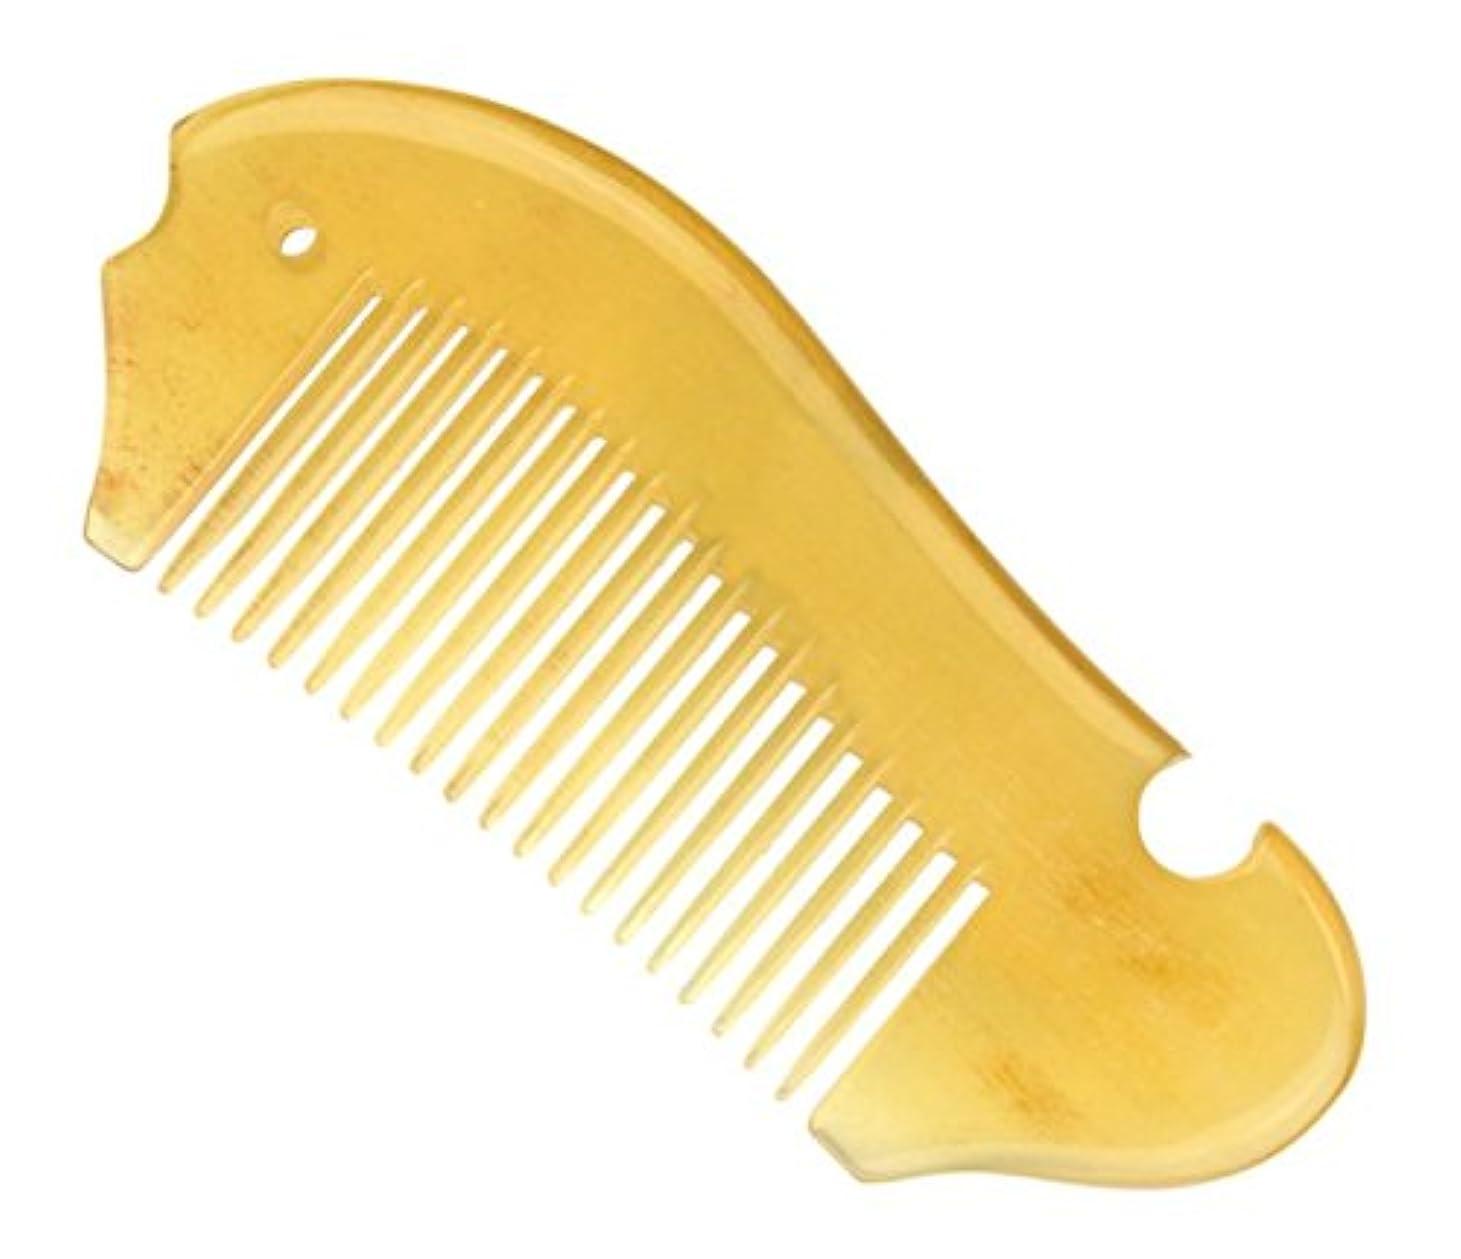 感謝仕事進む櫛型 プロも使う羊角かっさプレート マサージ用 血行改善 高級 天然 静電気防止 美髪 美顔 ボディ リンパマッサージ